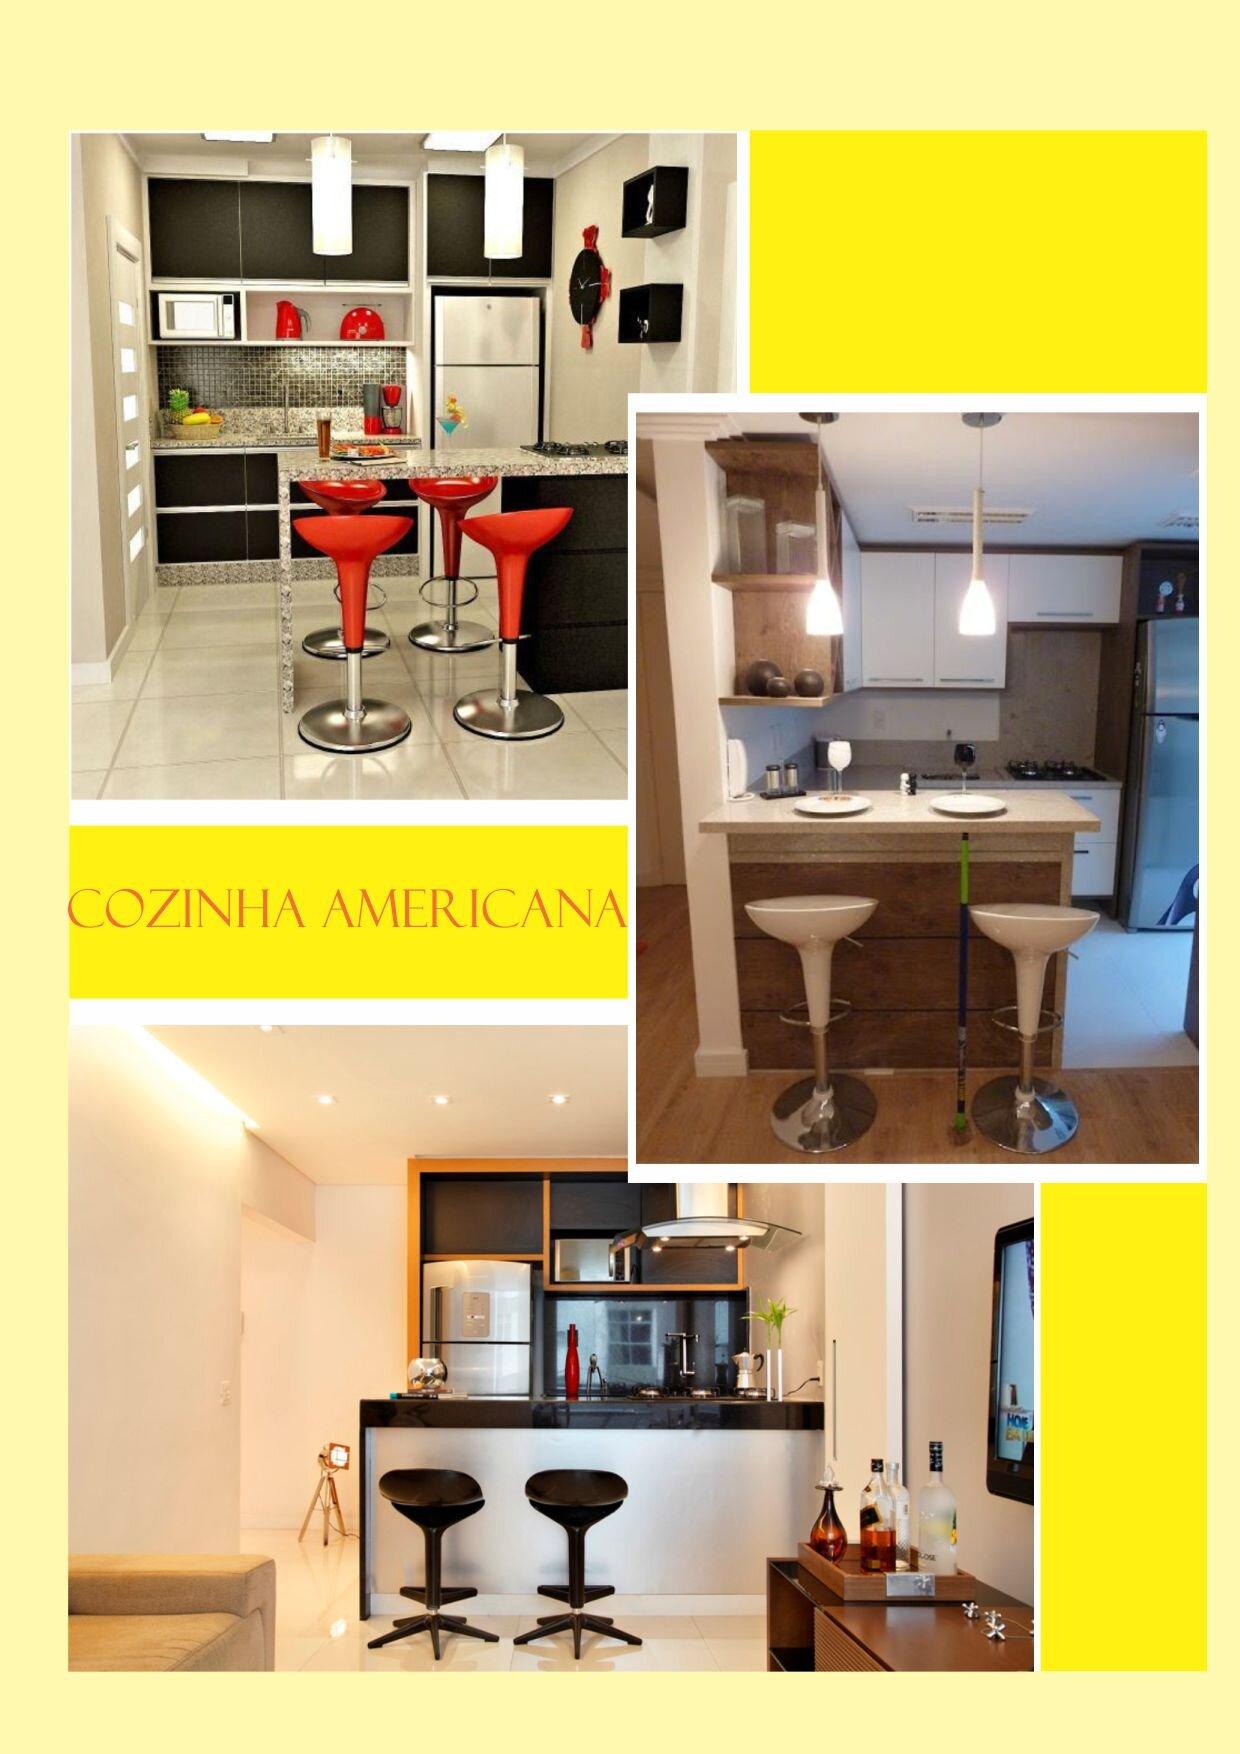 #CBBF00 As banquetas são um dos toques principais para uma cozinha americana  1240x1754 px Altura Ideal Para Balcão De Cozinha Americana #1775 imagens